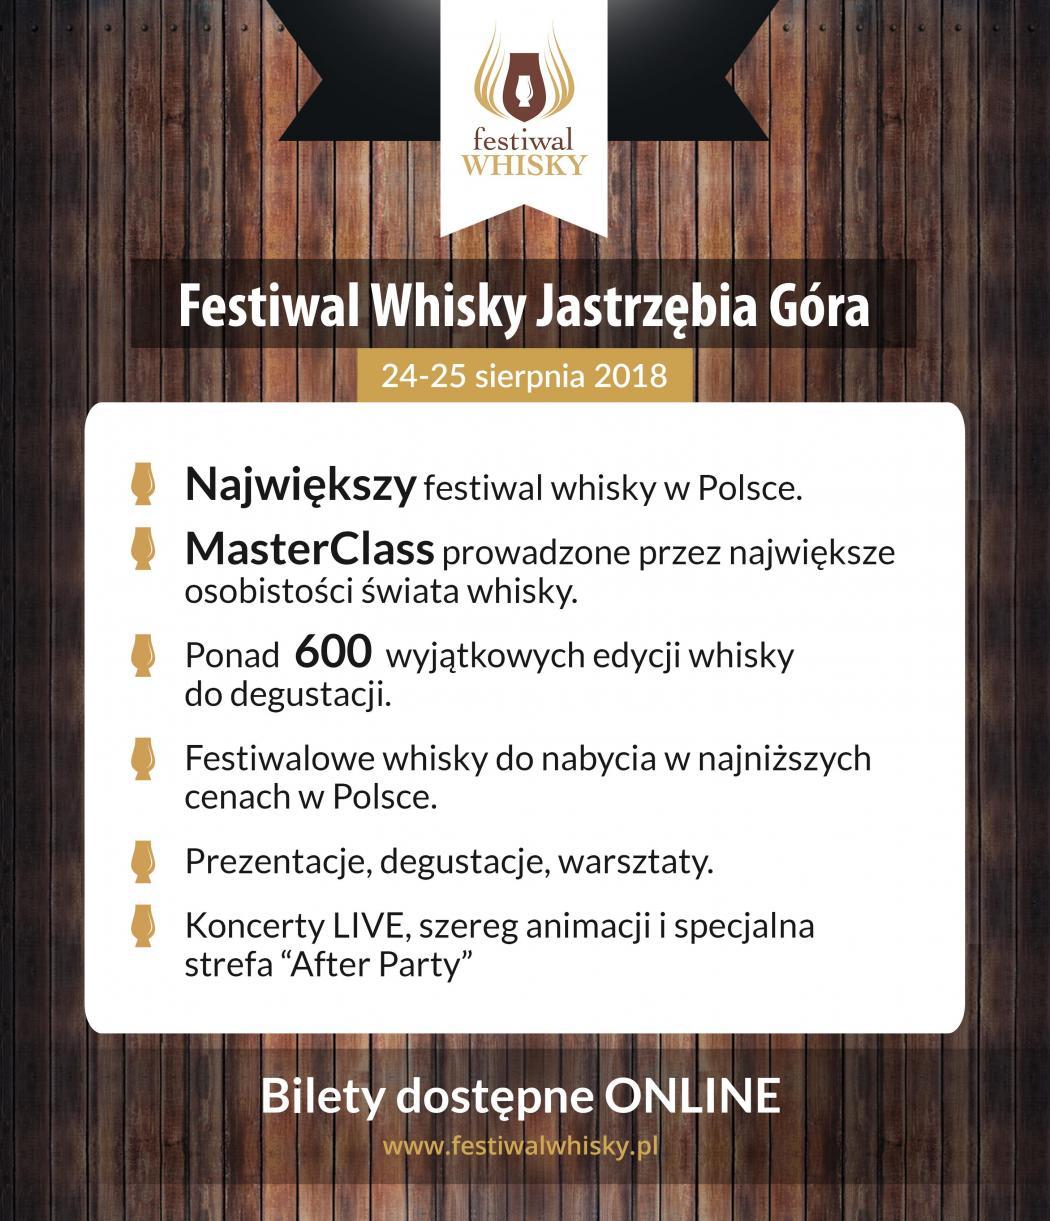 magazynkobiet.pl - img6 1050x1221 - Festiwal Whisky Jastrzębia Góra 2018